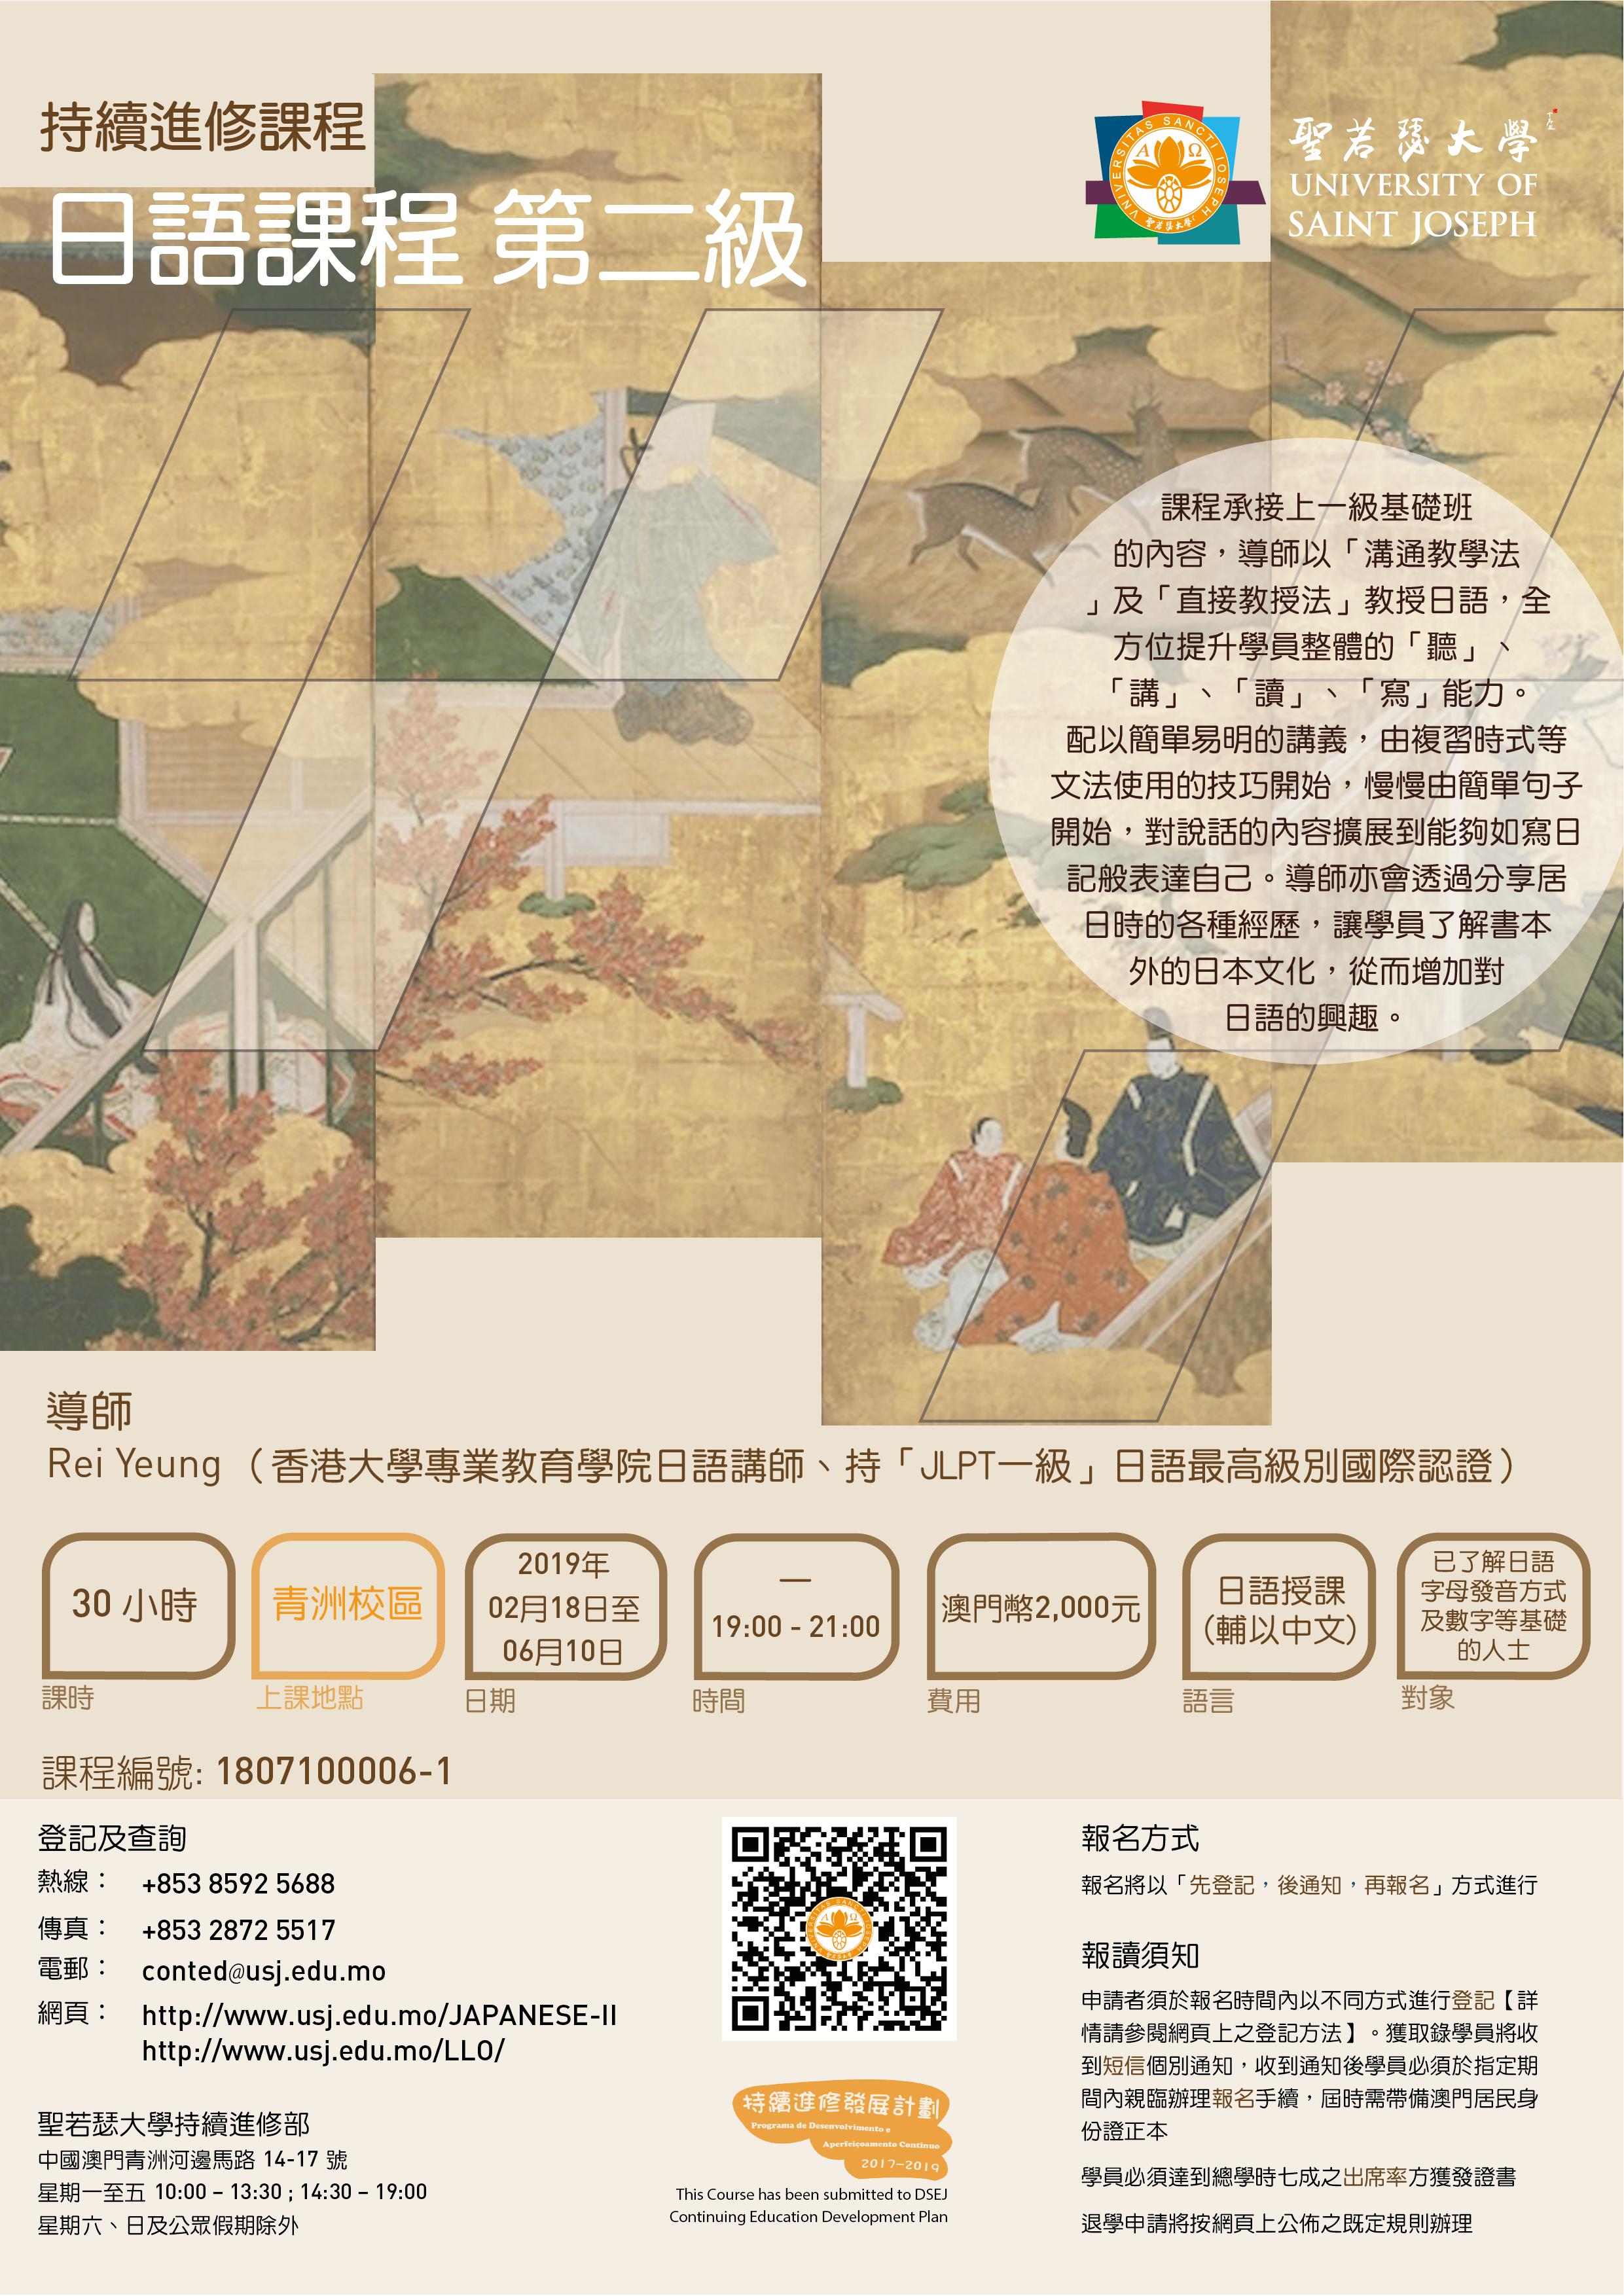 Japanese II v1.1-01